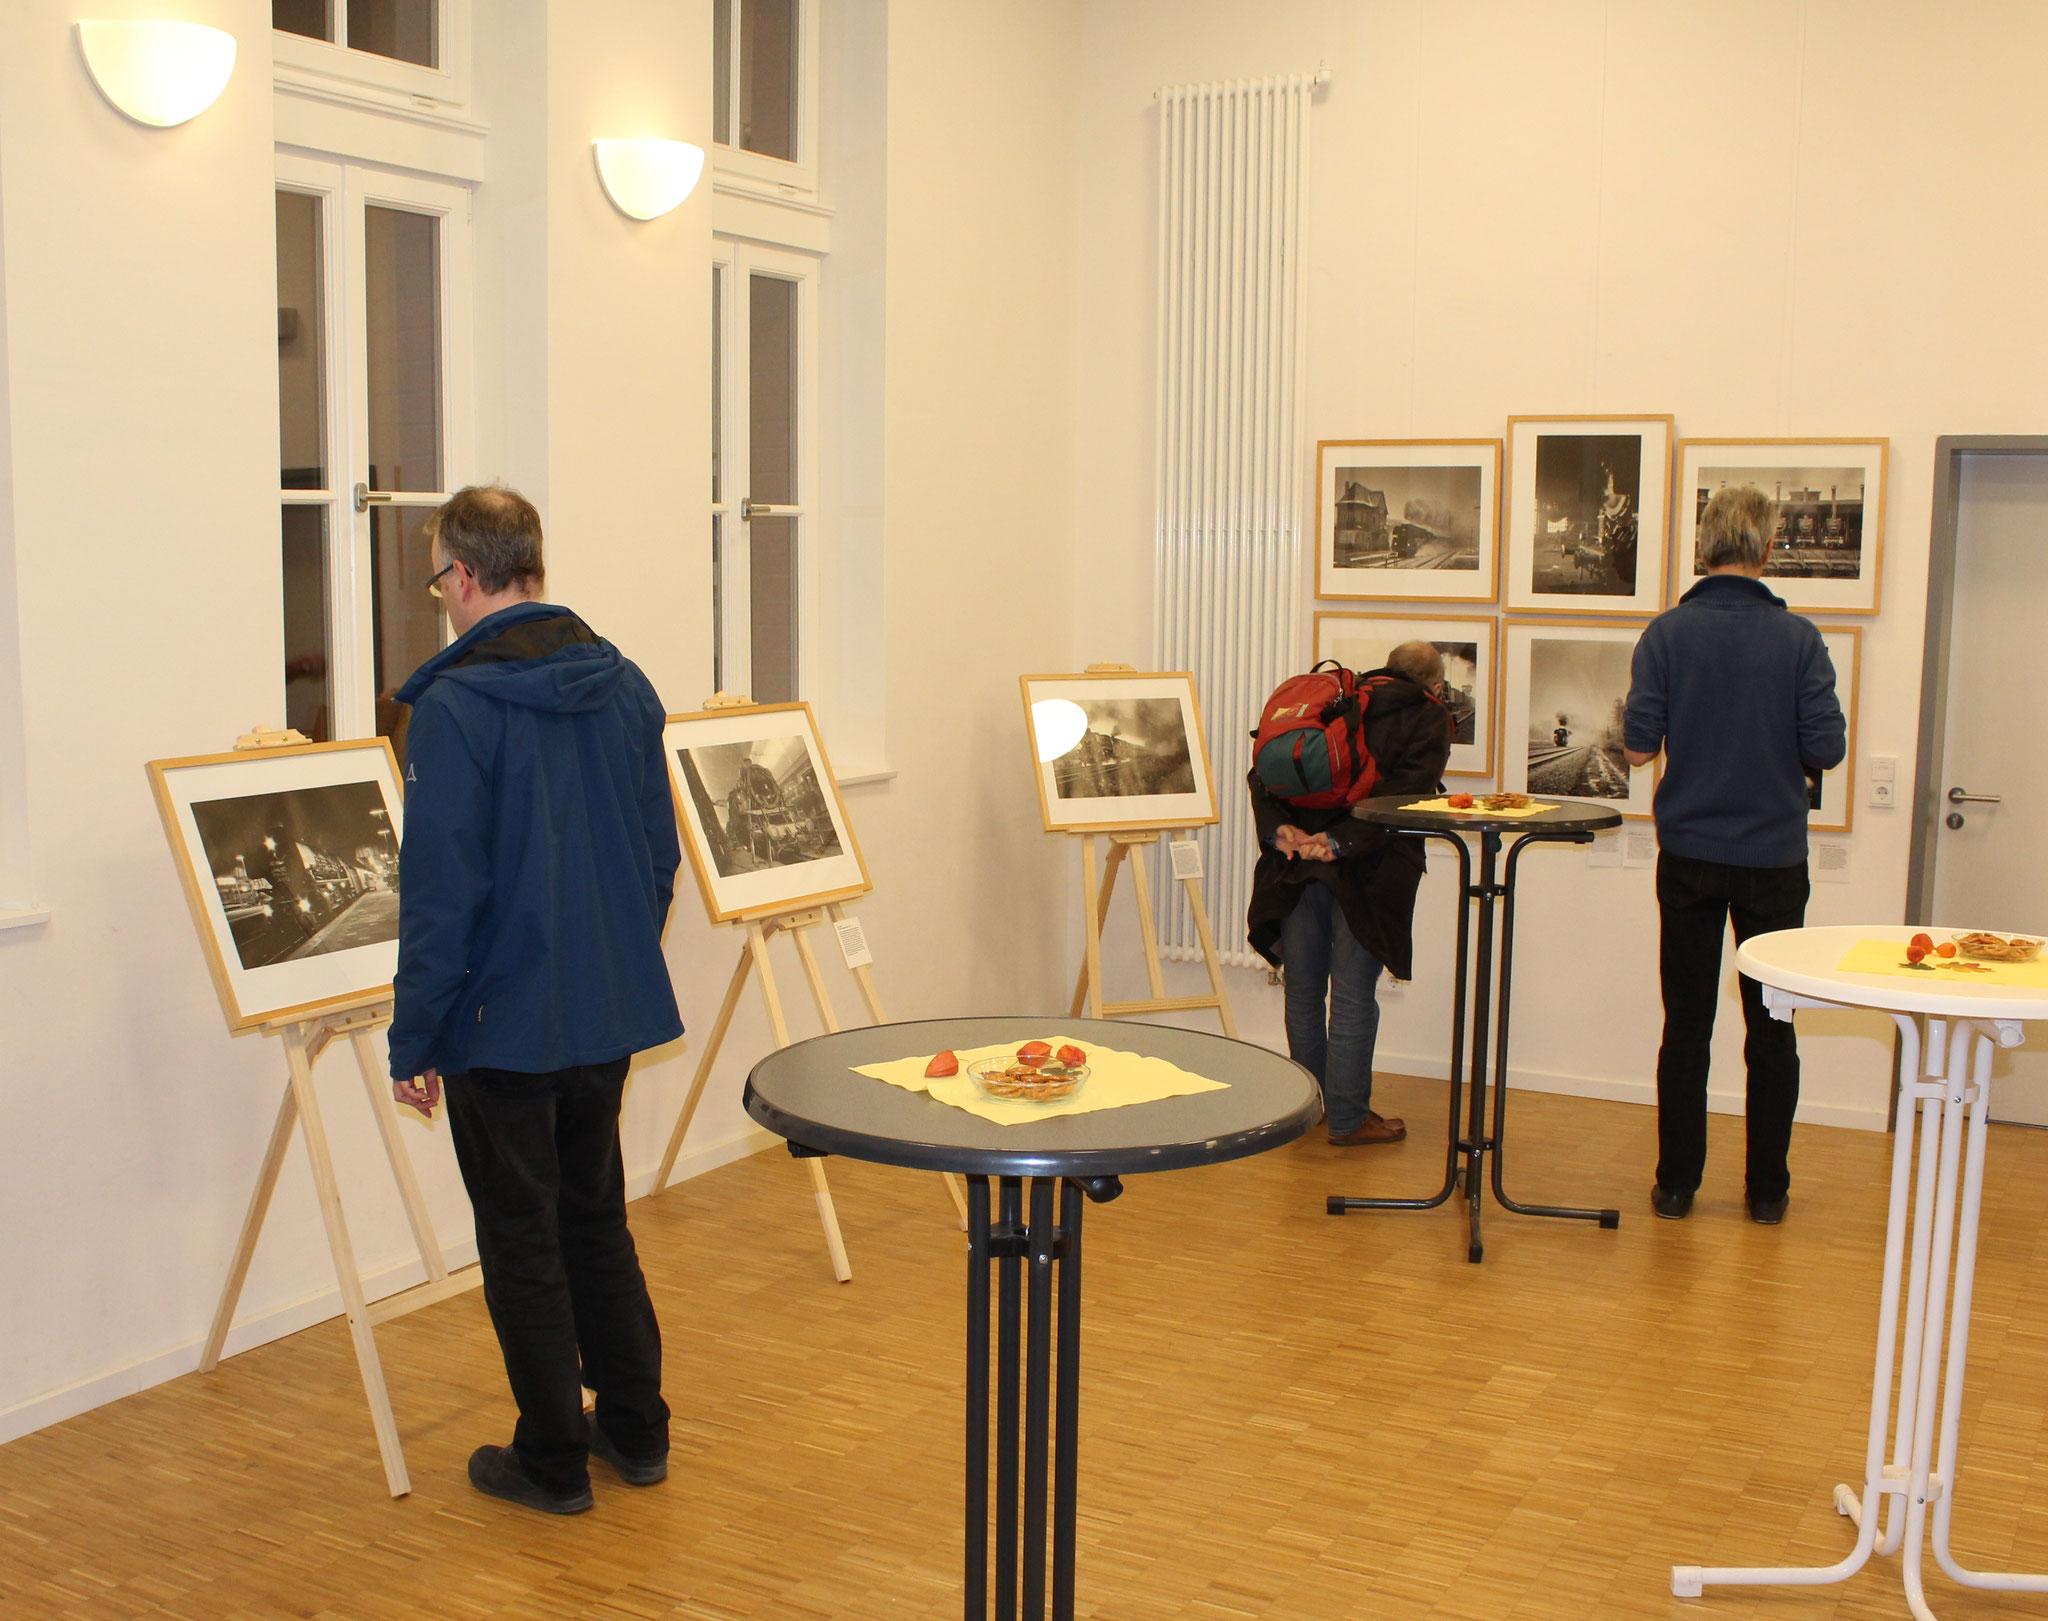 Viele Besucher schauten sich bei der Ausstellungseröffnung die Werke der beiden Fotografen an (Fotos: D. Altmann)